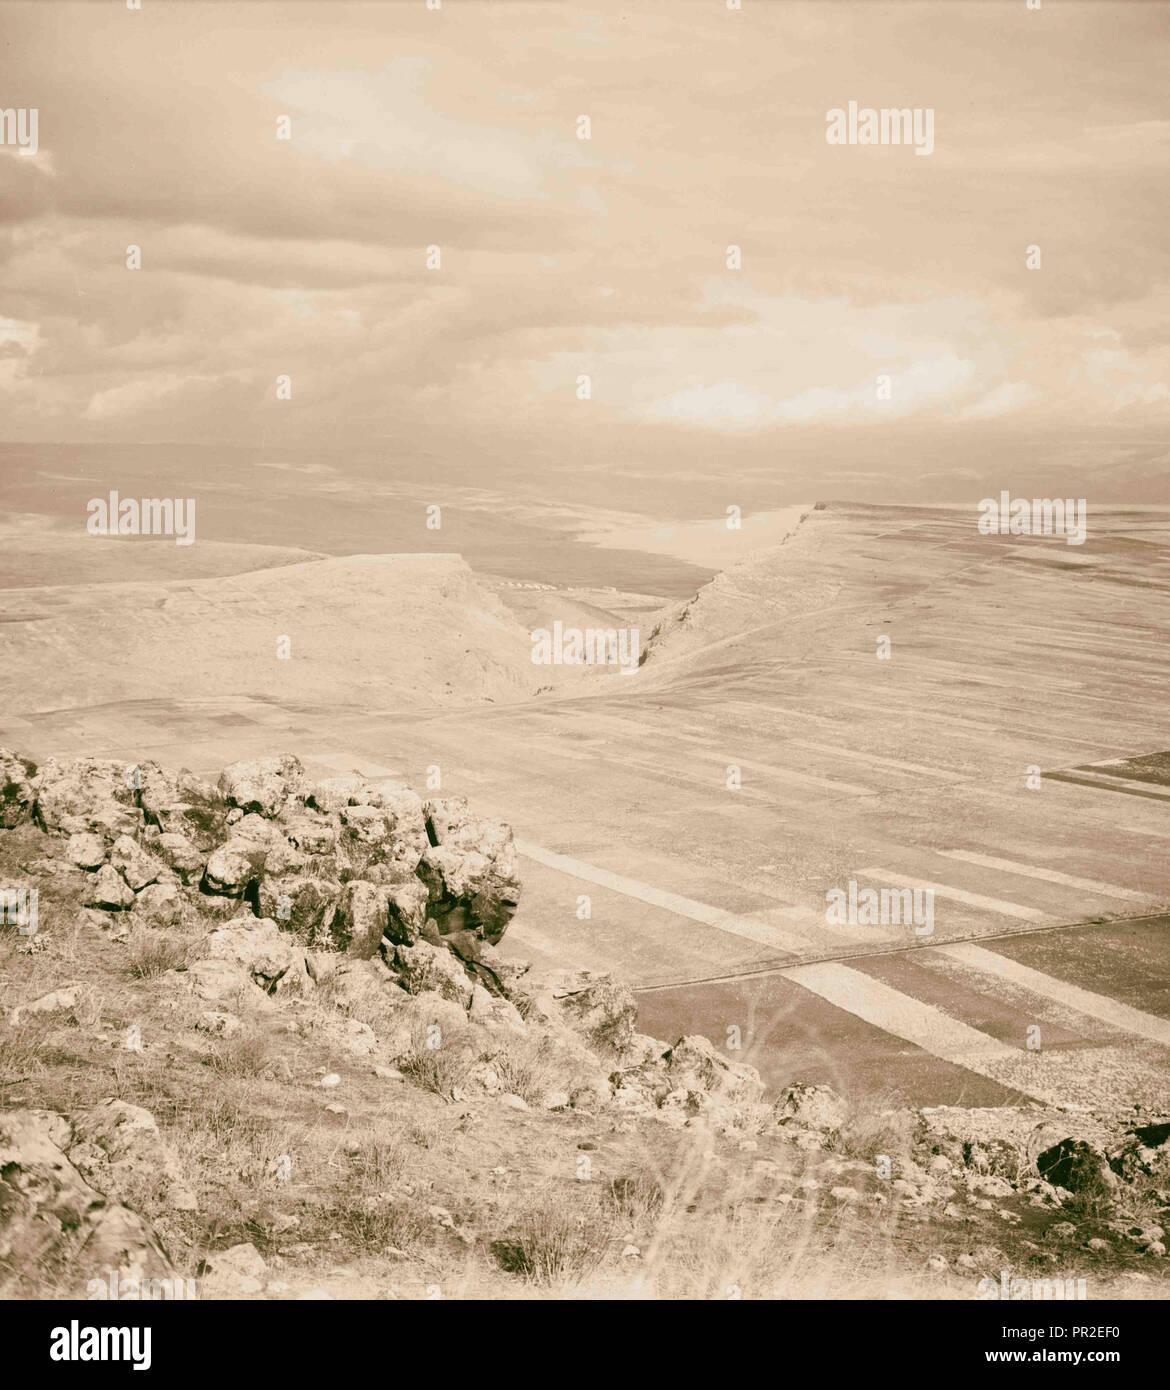 Ensemble de choix, 13 diapositives illustrant la Mer de Galilée et ses pêcheurs toujours 'peinant avec leurs filets.' Mer de Galilée Photo Stock